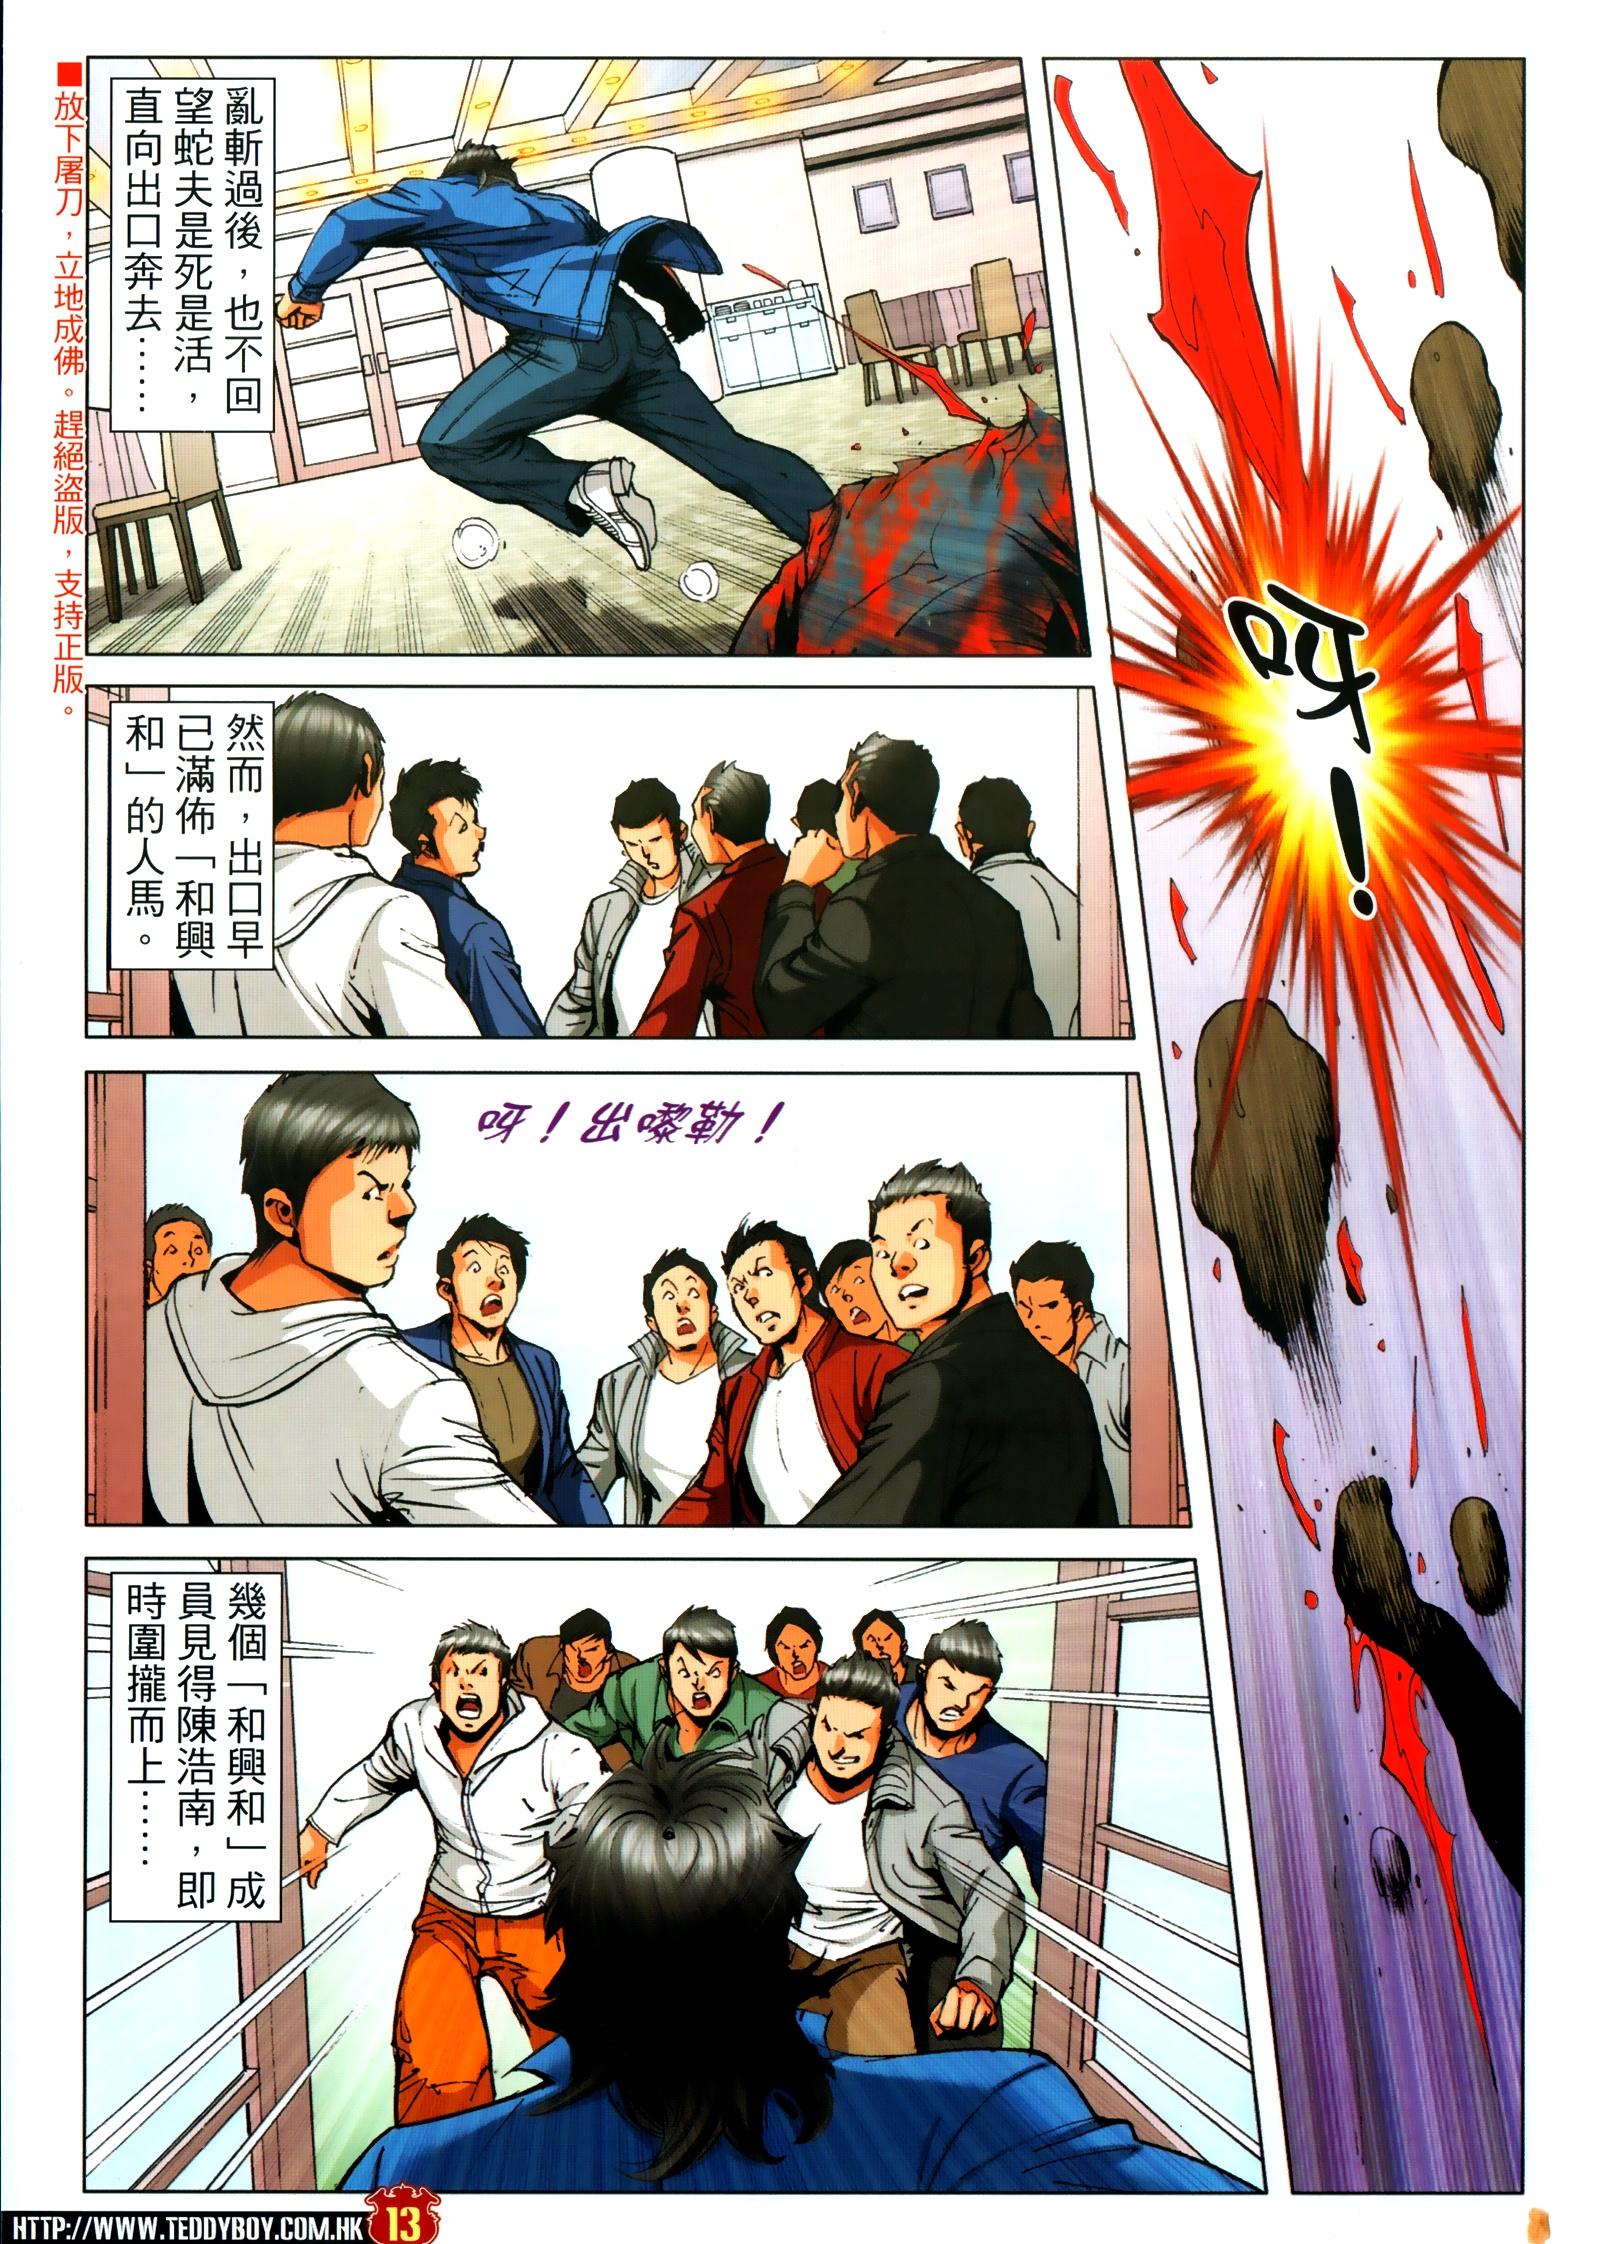 古惑仔漫畫第2306回 力挫和興和II(第13頁)劇情-二次元動漫